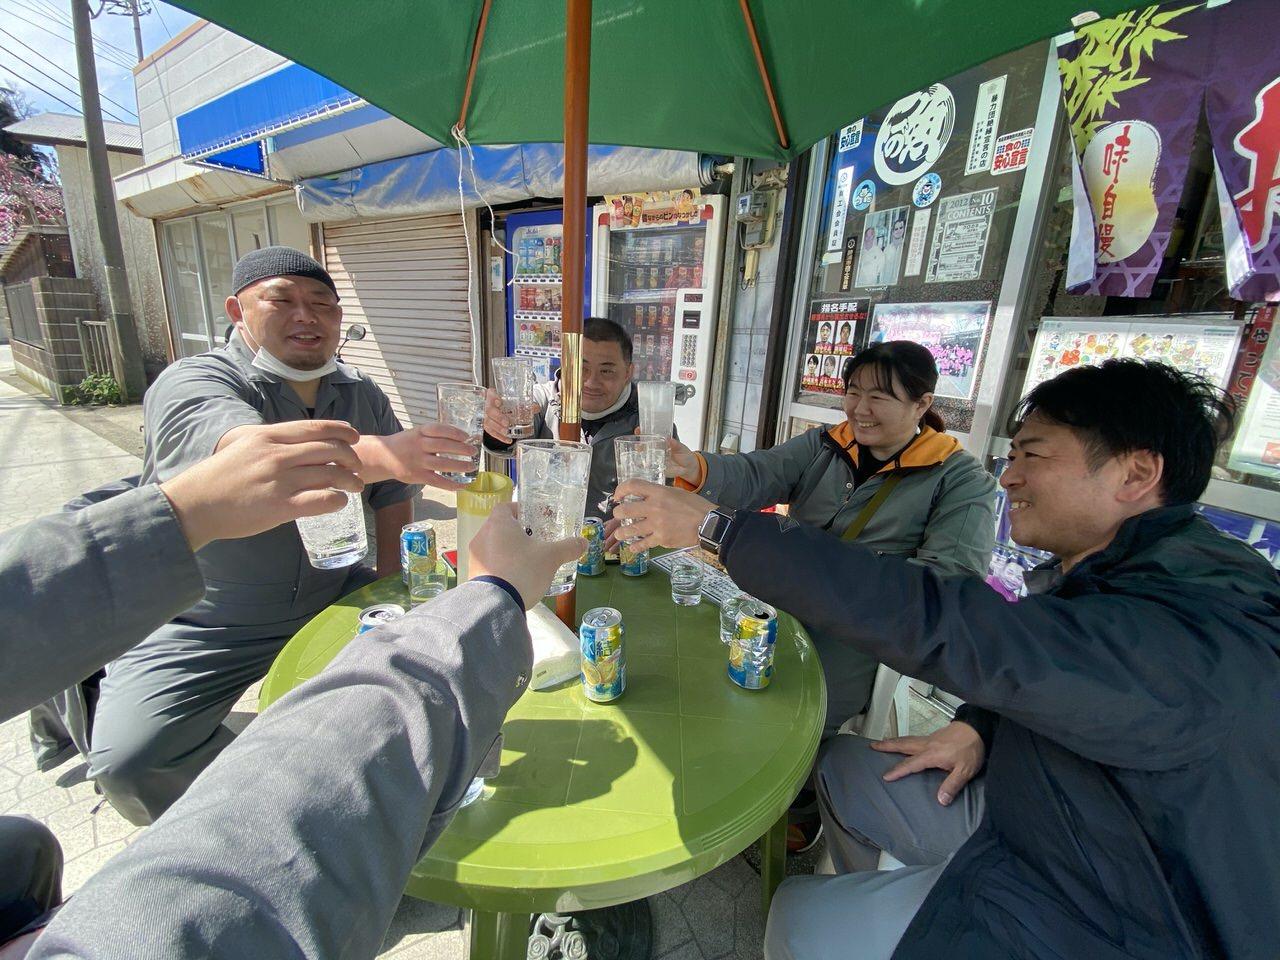 「お食事処 いしい」勝浦タンタンメン 8